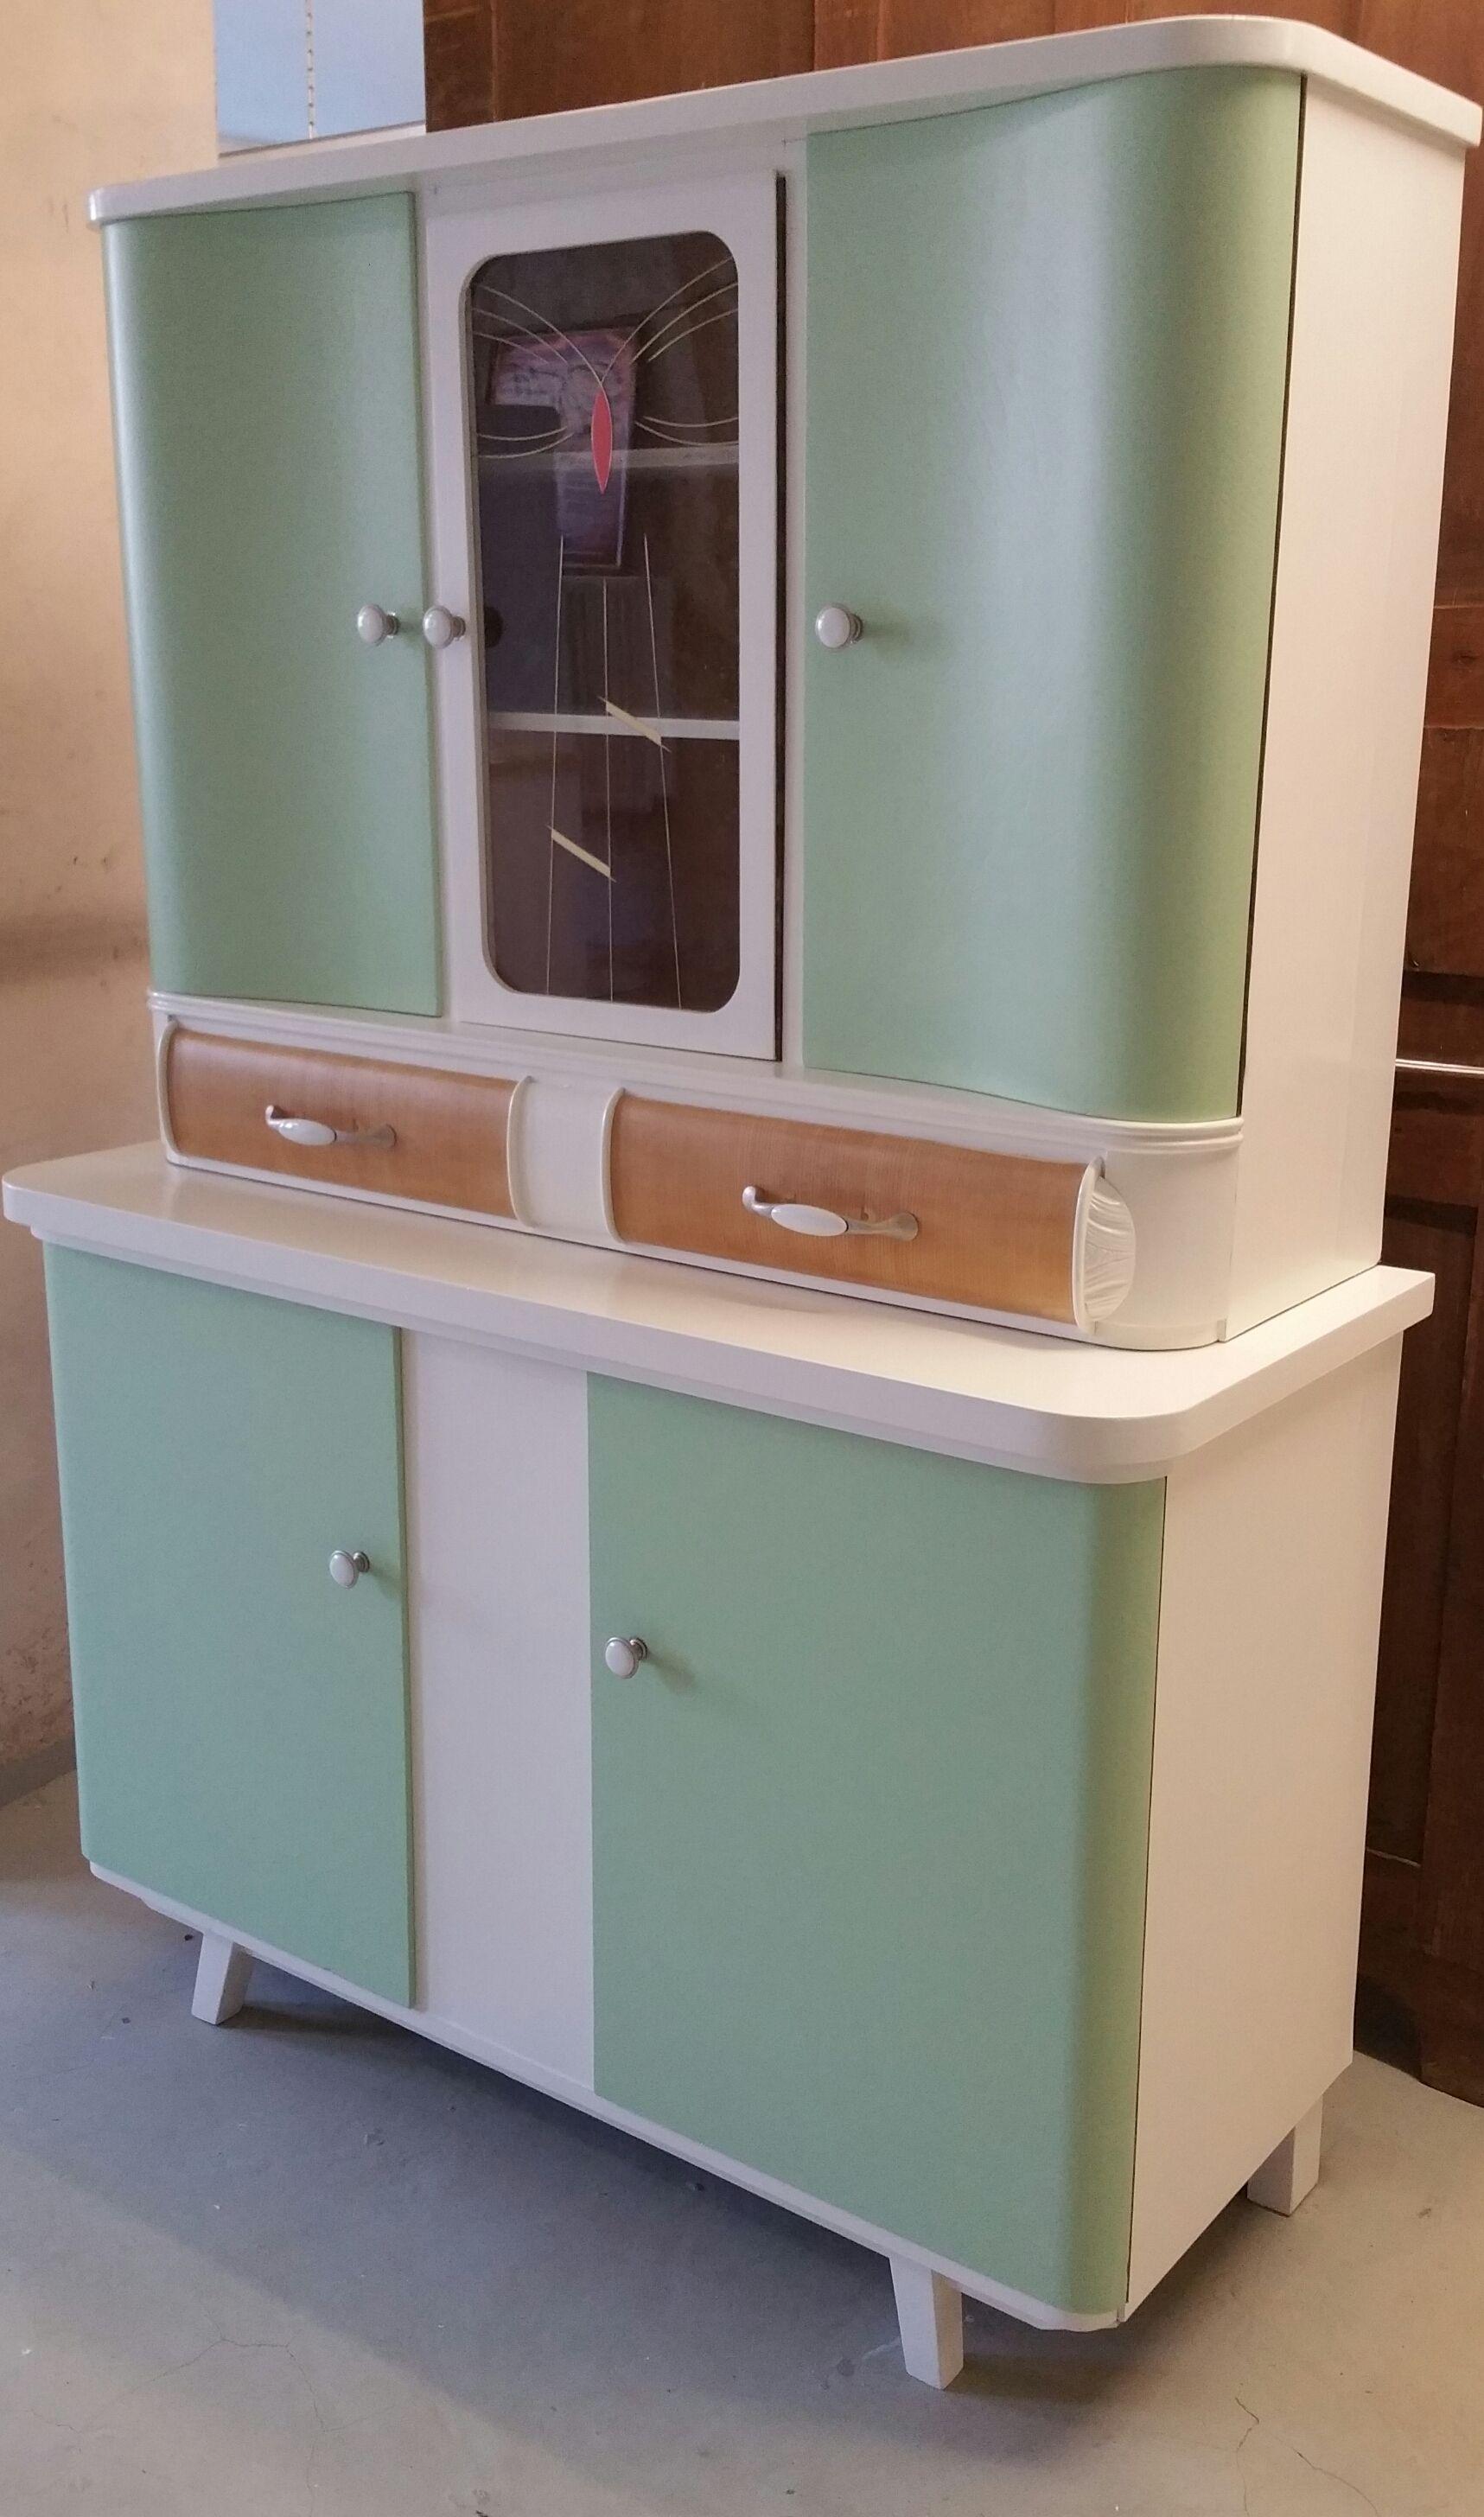 Pin von Garagenmöbel auf Garagenmöbel Pinterest 50er Jahre-Möbel